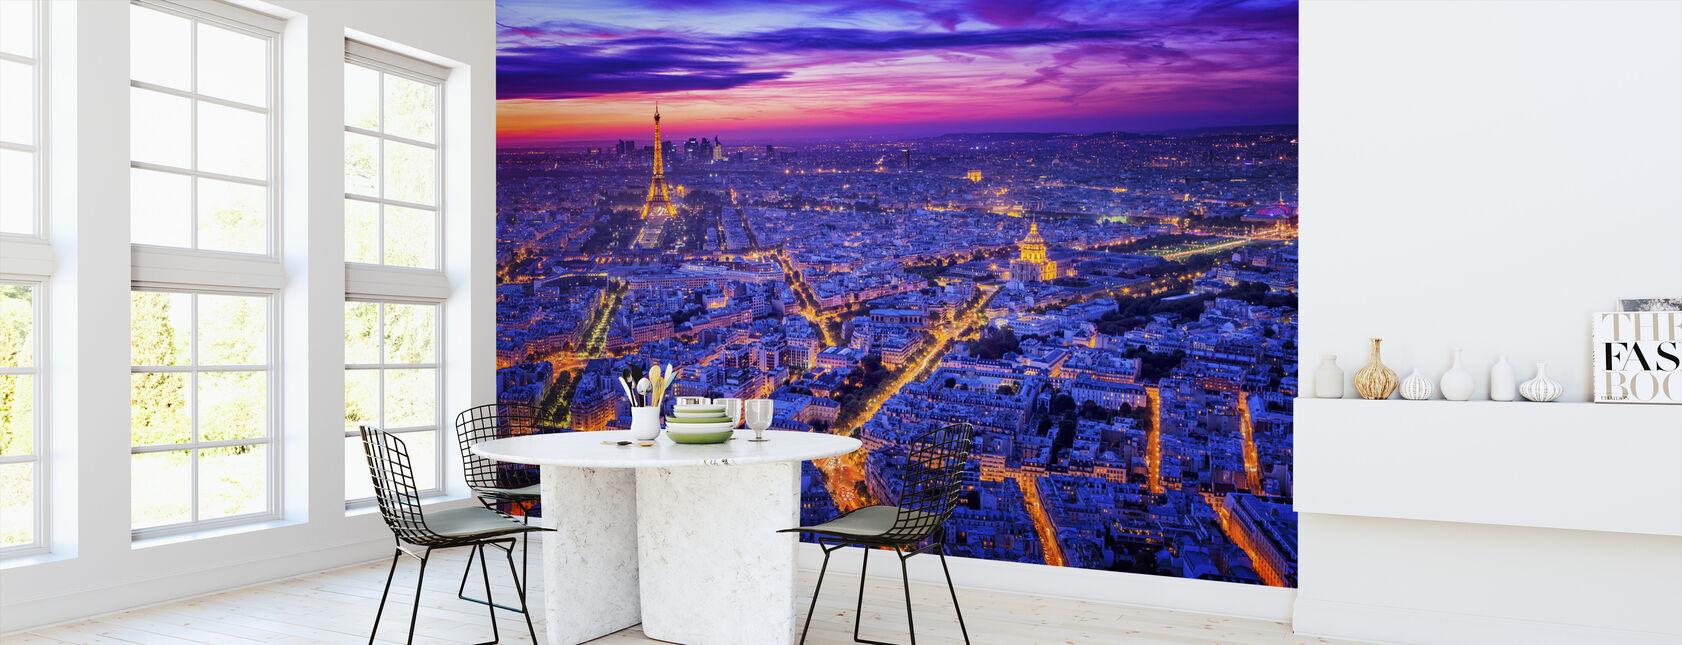 Paris By Night - Wallpaper - Kitchen